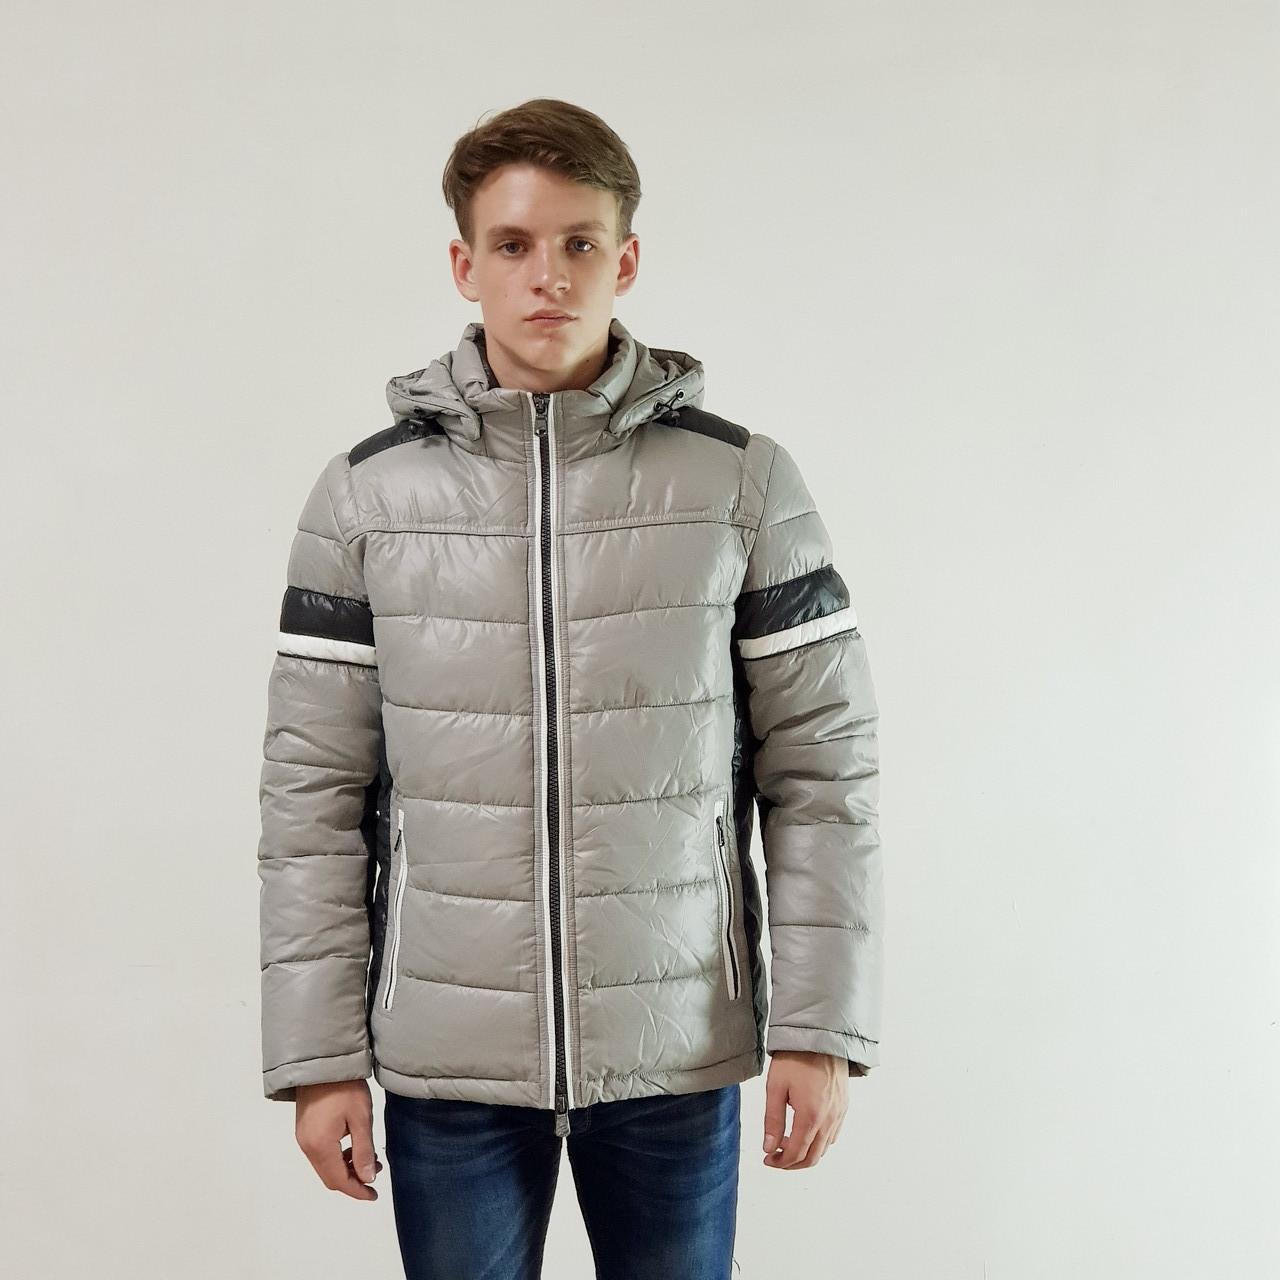 Мужская зимняя куртка пуховик Snowimage  светло-серый на пуху с капюшоном, скидки